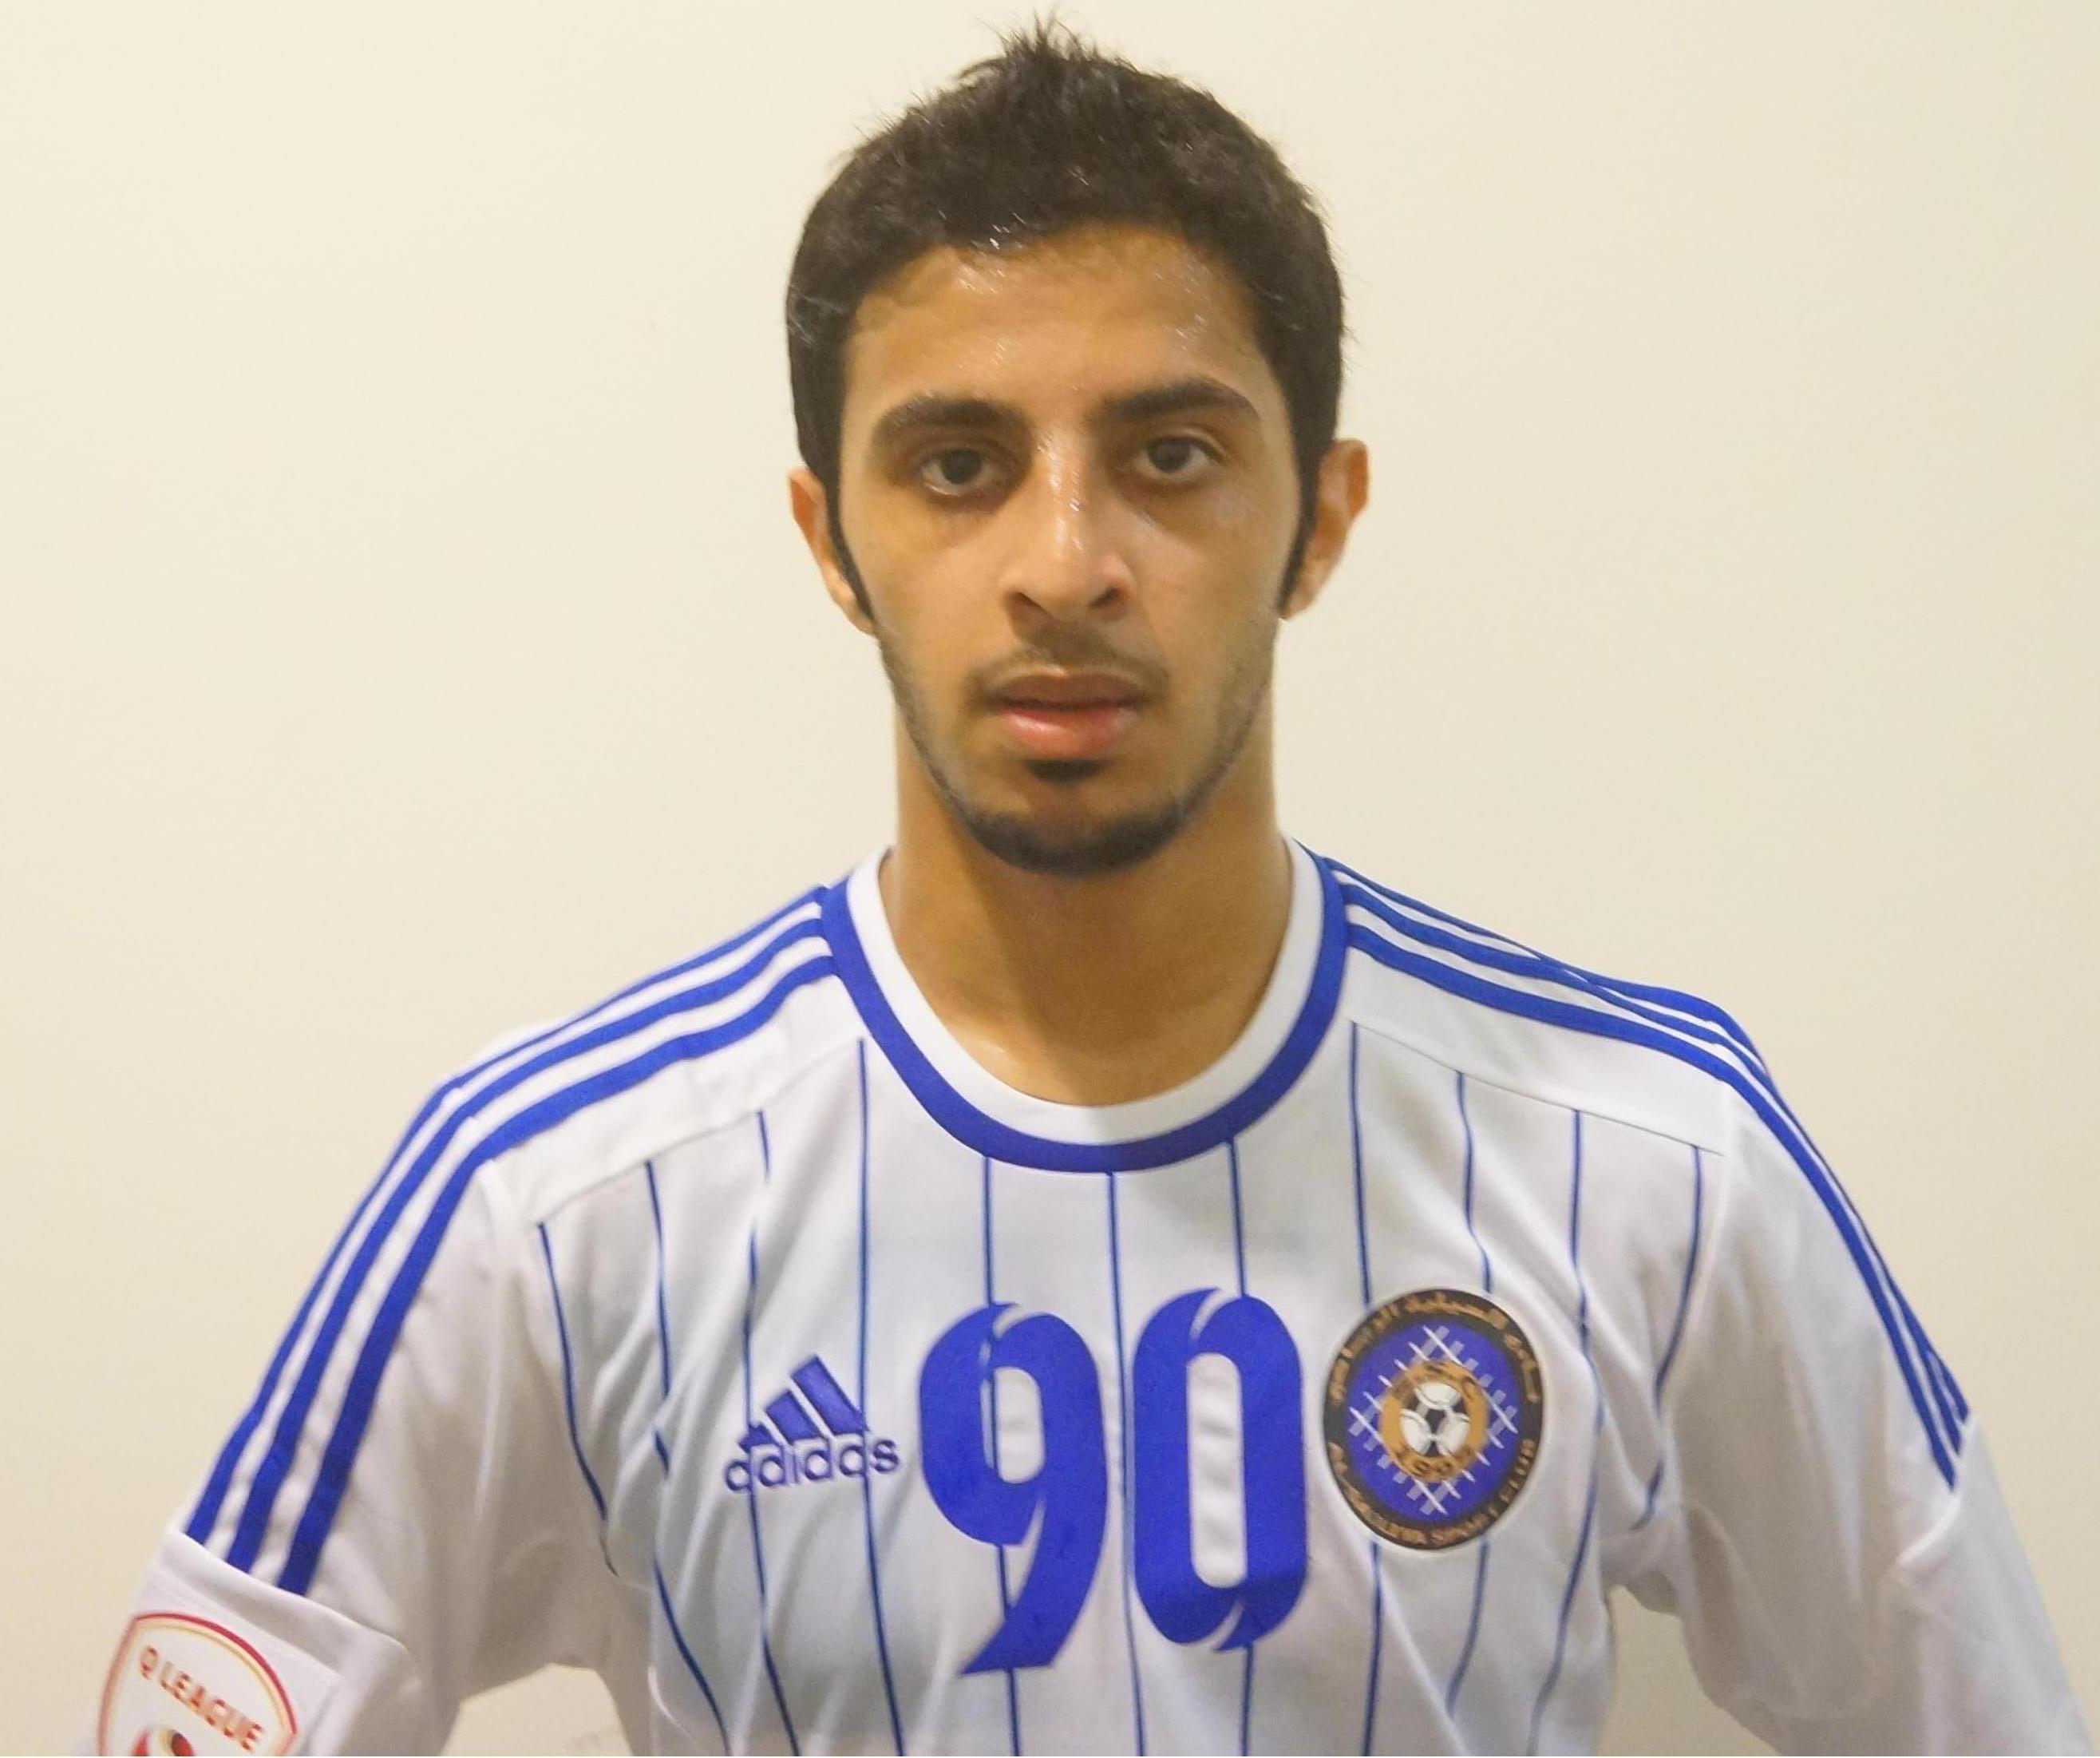 عبدالله حمد لحدان الفيحاني